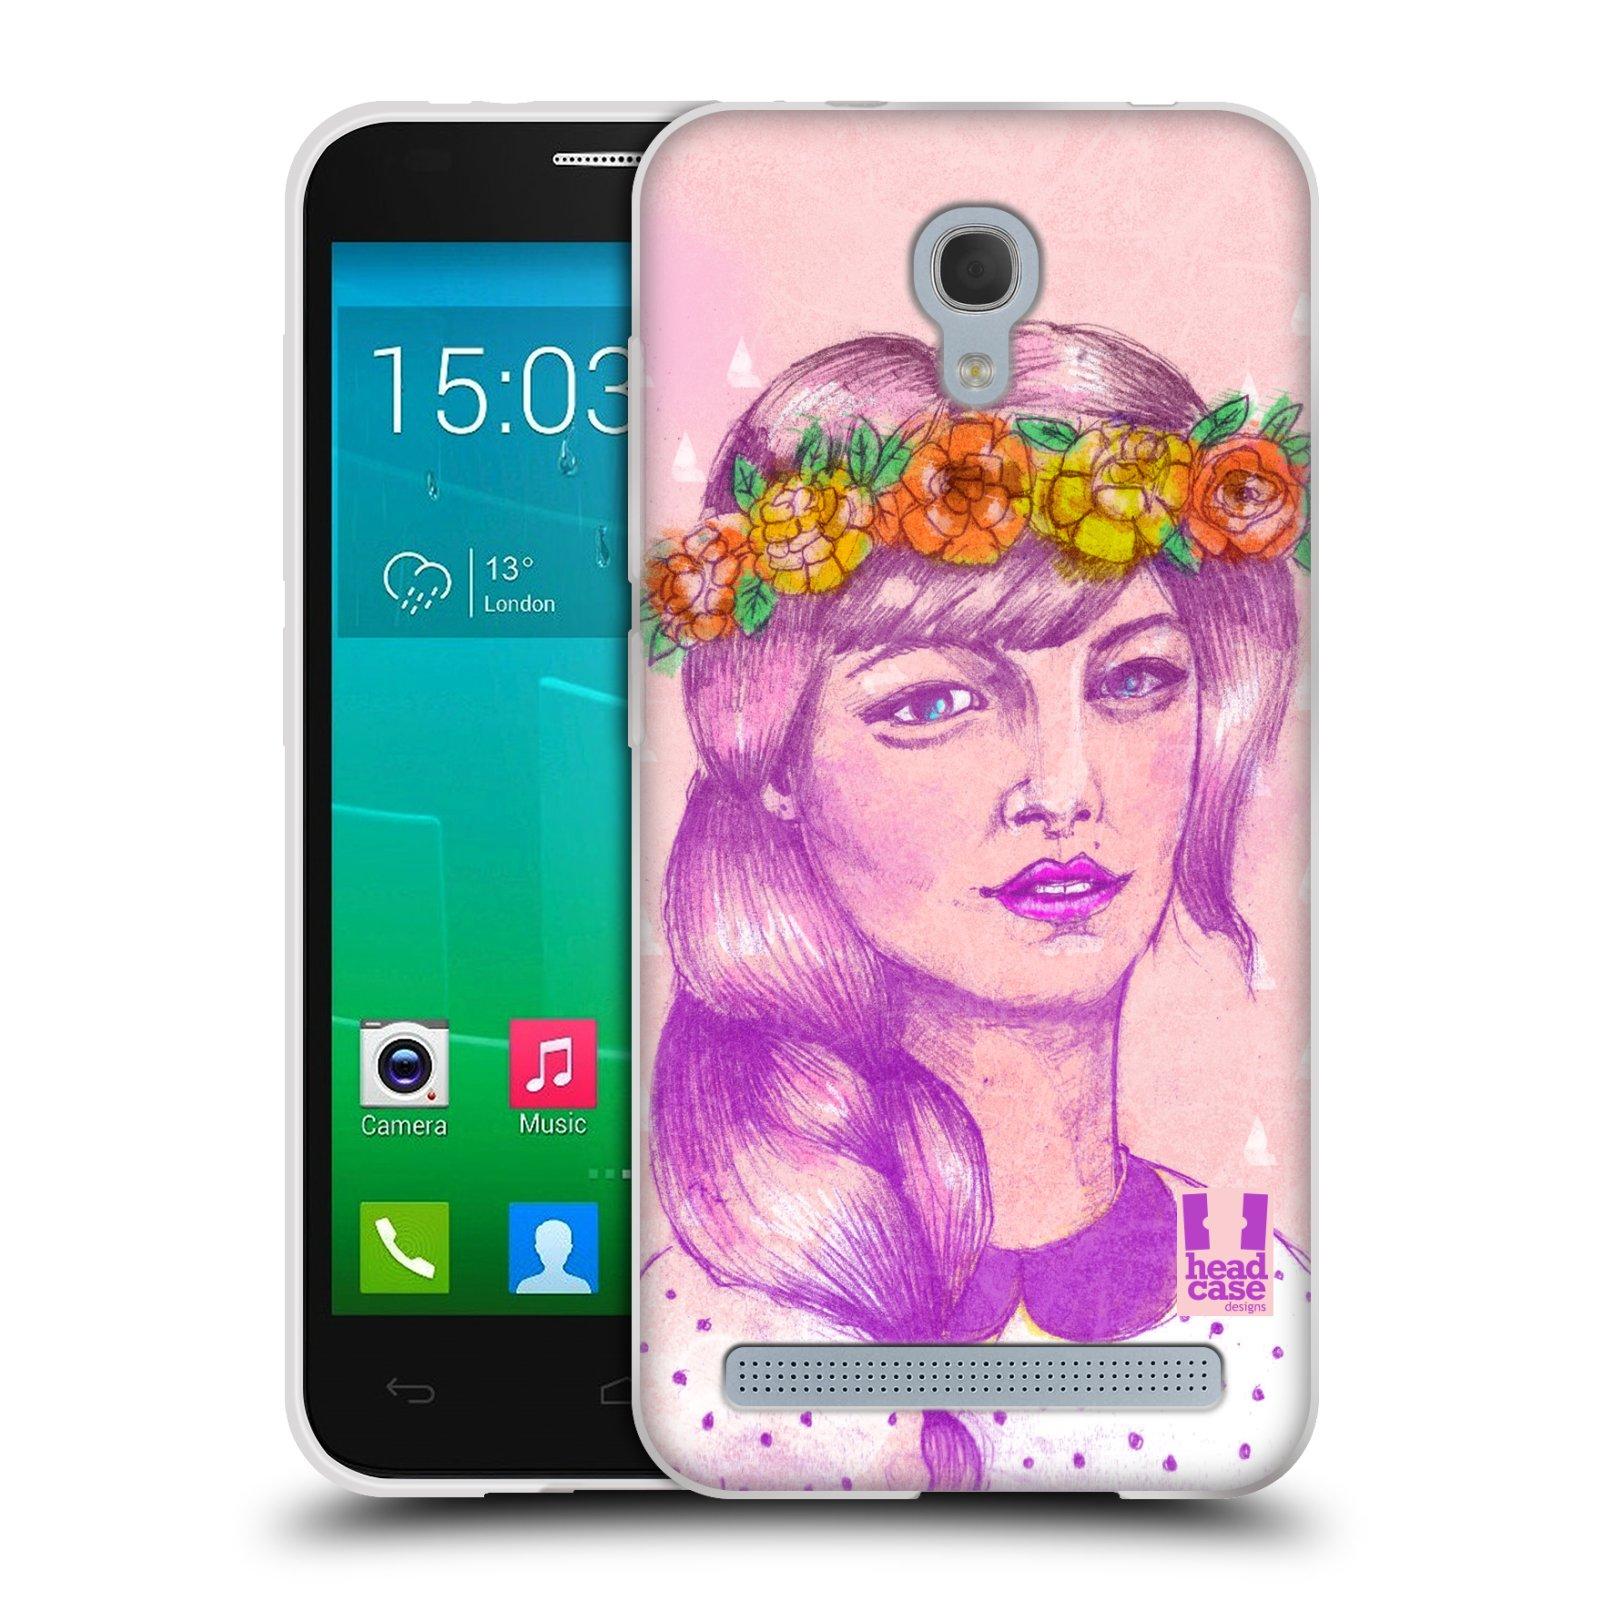 HEAD CASE silikonový obal na mobil Alcatel Idol 2 MINI S 6036Y vzor Dívka dlouhé květinové vlasy KRÁSA